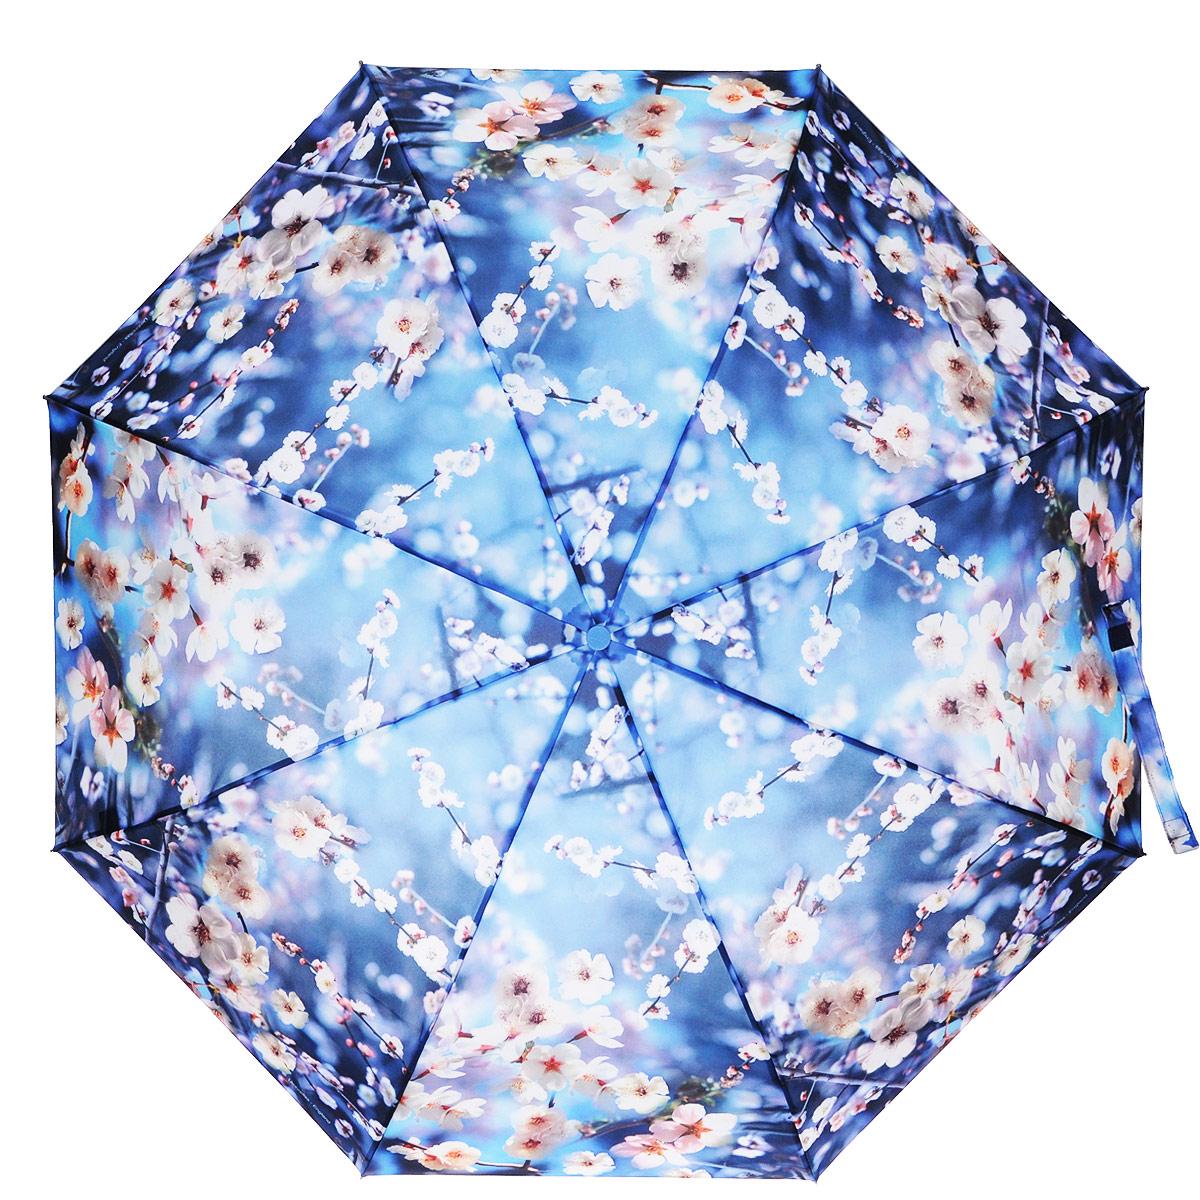 Зонт женский Zest, автомат, 3 сложения, цвет: синий, белый. 23995-117323995-1173Модный автоматический зонт Zest в 3 сложения изготовлен из высокопрочных материалов. Каркас зонта состоит из 8 спиц из фибергласса и прочного алюминиевого стержня. Специальная система Windproof защищает его от поломок во время сильных порывов ветра. Купол зонта выполнен из прочного полиэстера с водоотталкивающей пропиткой и оформлен цветочным принтом. Используемые высококачественные красители обеспечивают длительное сохранение свойств ткани купола. Рукоятка, разработанная с учетом требований эргономики, выполнена из пластика. Зонт имеет полный автоматический механизм сложения: купол открывается и закрывается нажатием кнопки на рукоятке, стержень складывается вручную до характерного щелчка. Благодаря этому открыть и закрыть зонт можно одной рукой, что чрезвычайно удобно при входе в транспорт или помещение. Небольшой шнурок, расположенный на рукоятке, позволяет надеть изделие на руку при необходимости. К зонту прилагается чехол. Такой зонт не только надежно защитит...